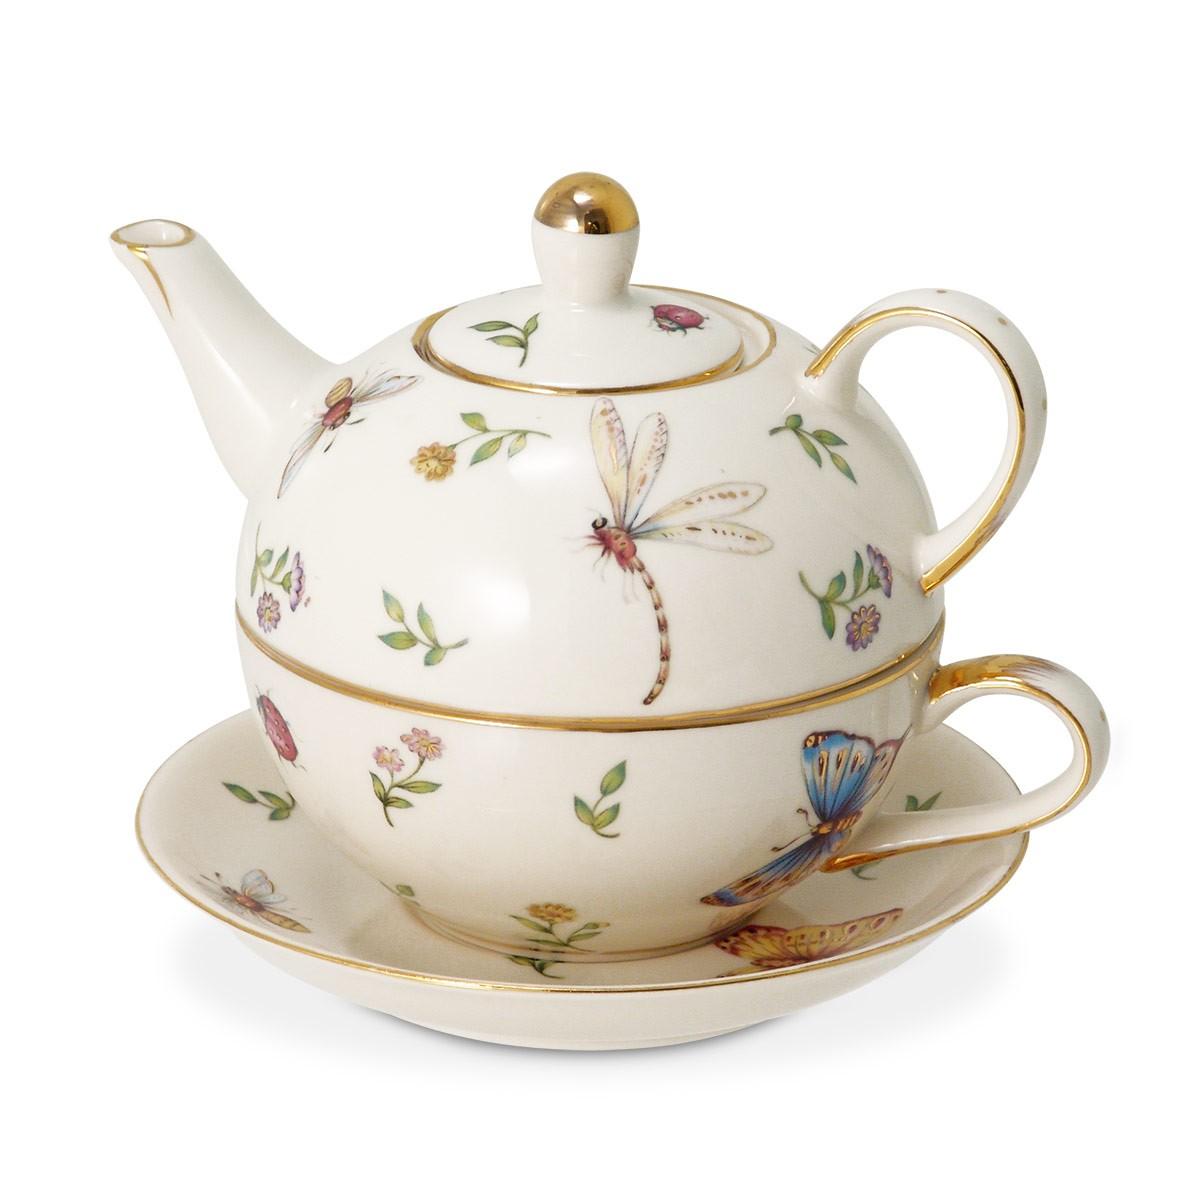 English Tea Set Www Imgkid Com The Image Kid Has It